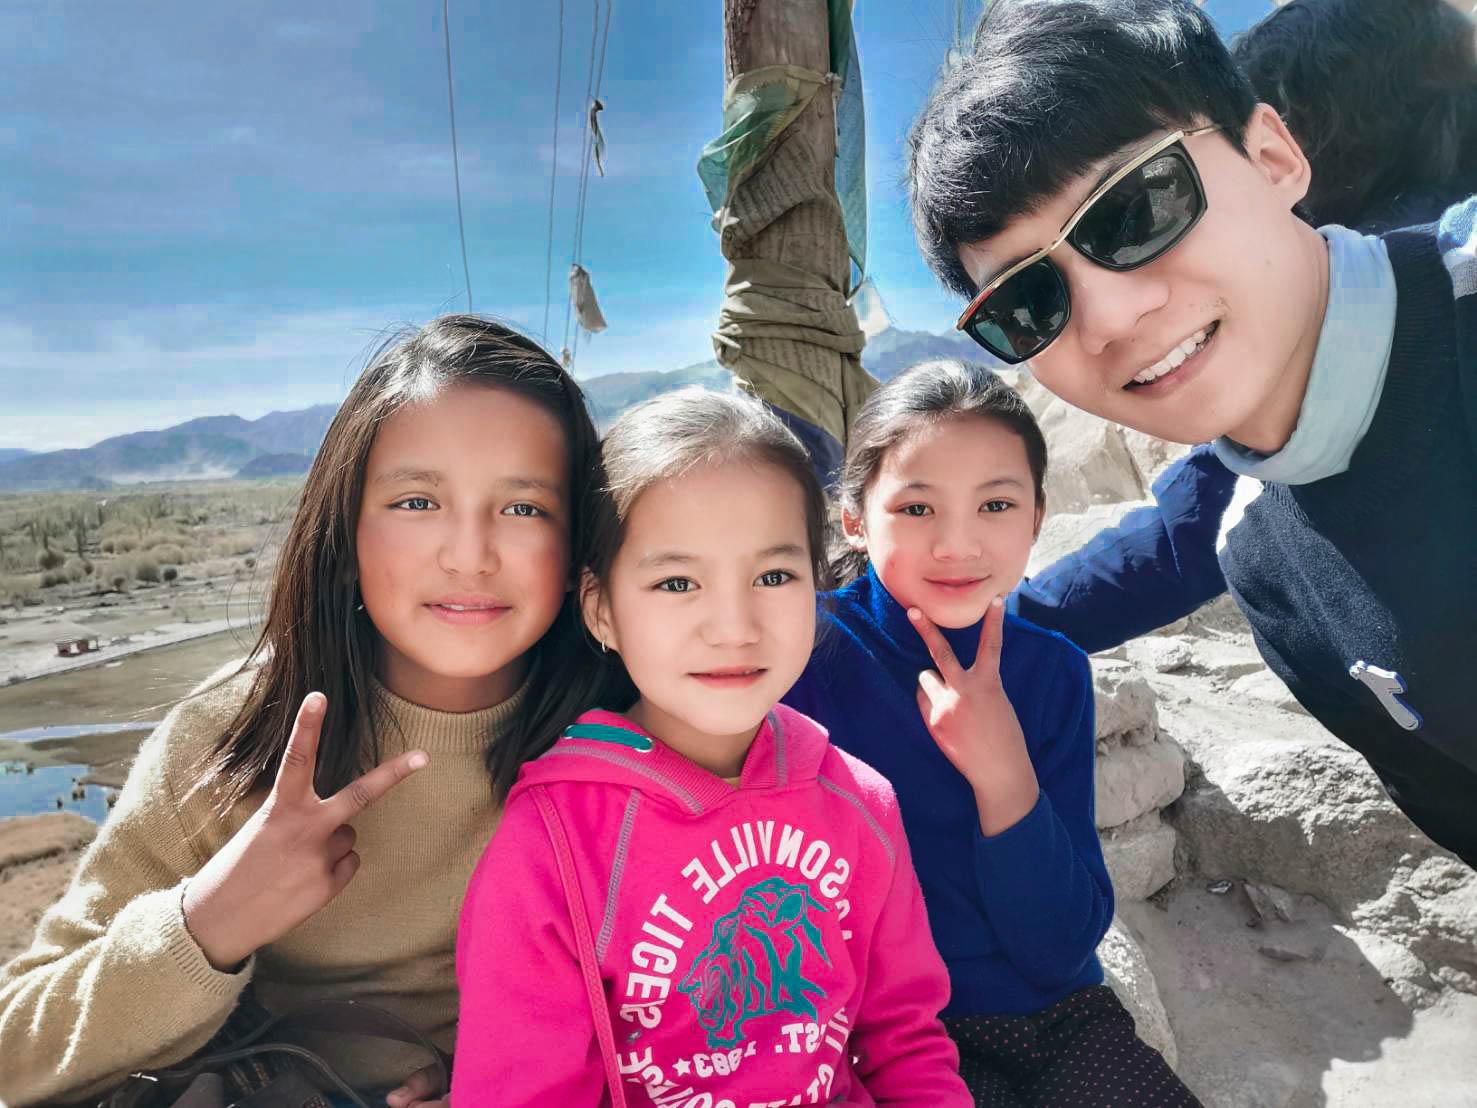 เด็กๆ ทัวร์เลห์ ลาดักห์ เที่ยวเลห์ ลาดักห์ Leh Ladakh Tour leh ladakh